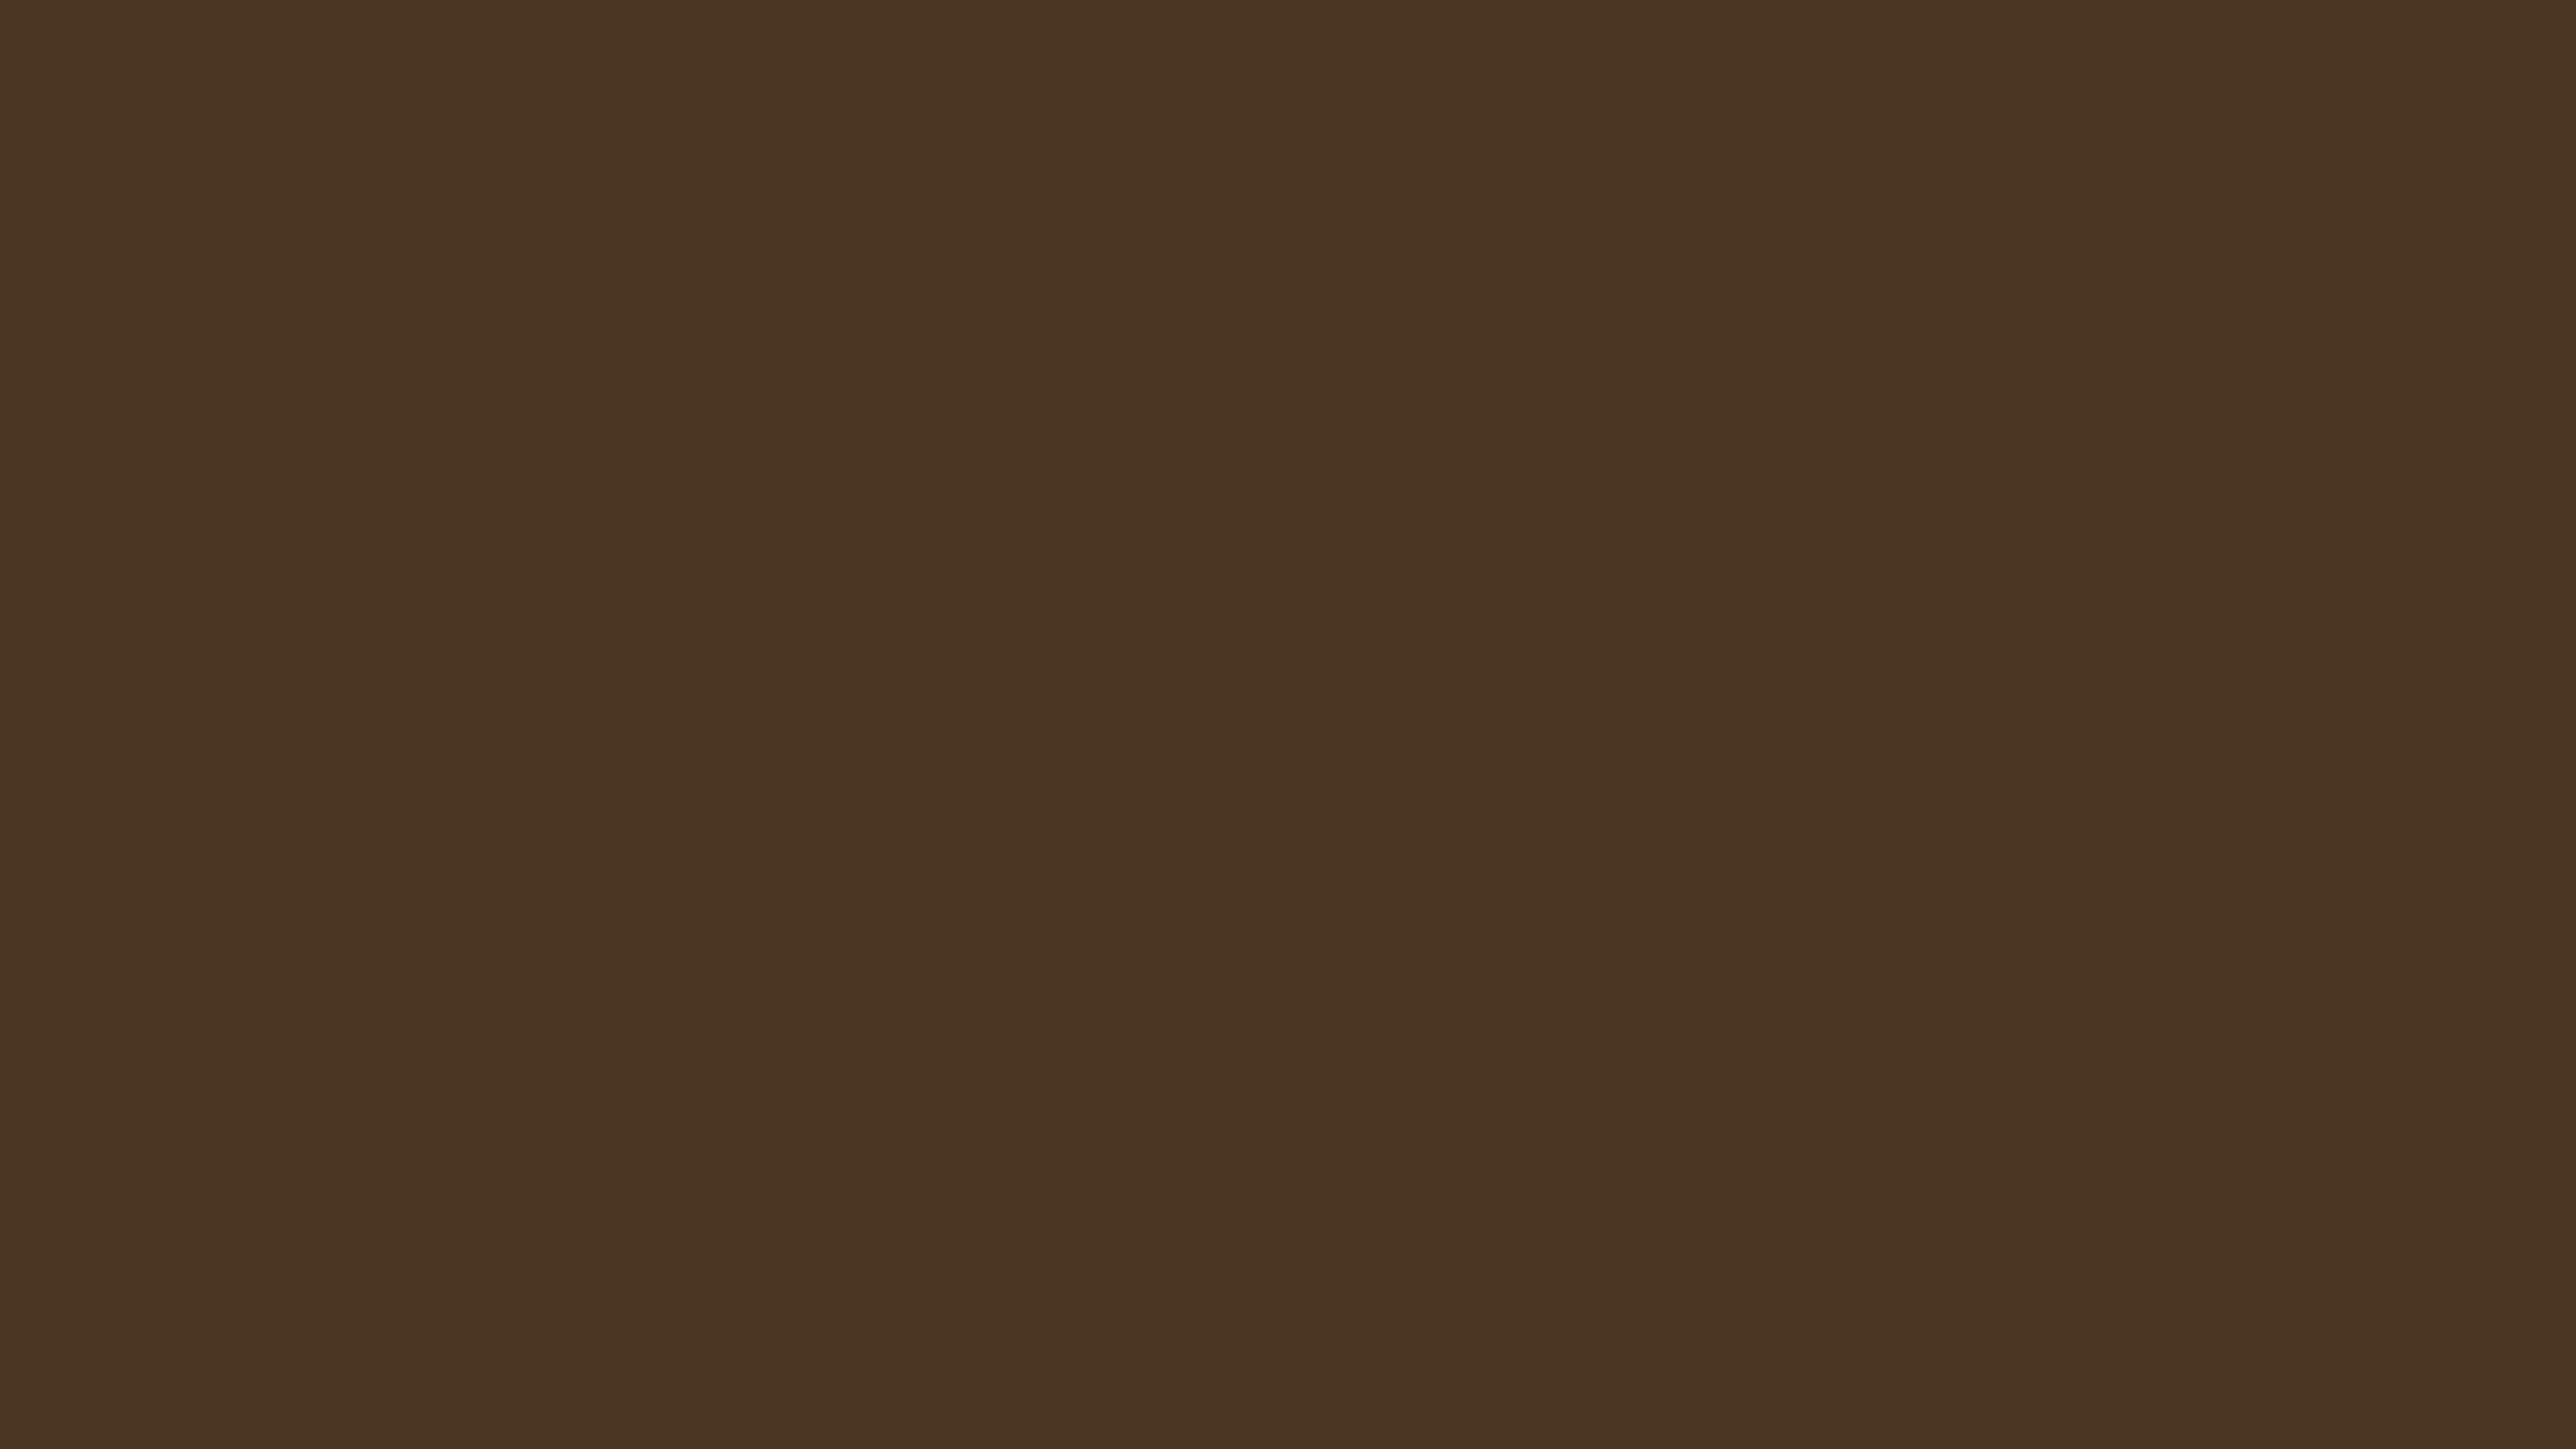 5120x2880 Cafe Noir Solid Color Background